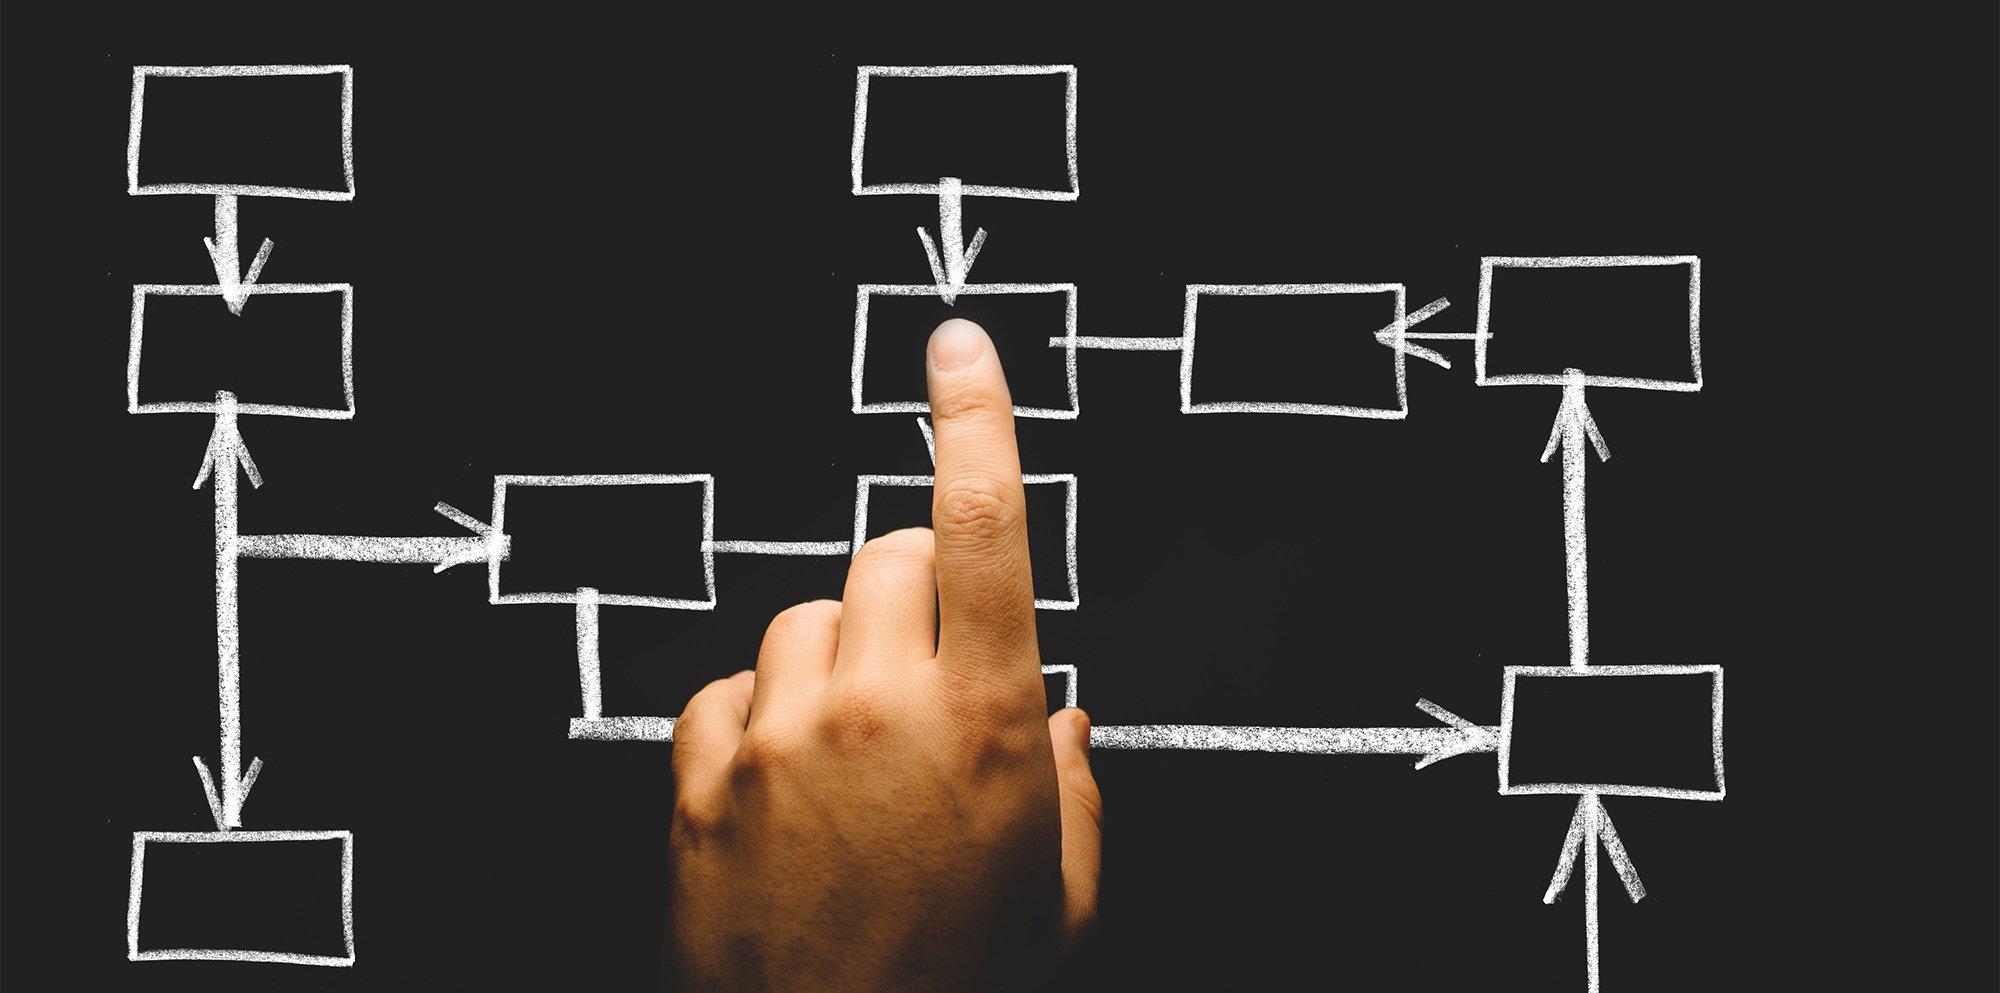 אסטרטגיות מיתוג לחיזוק מקומך בשוק